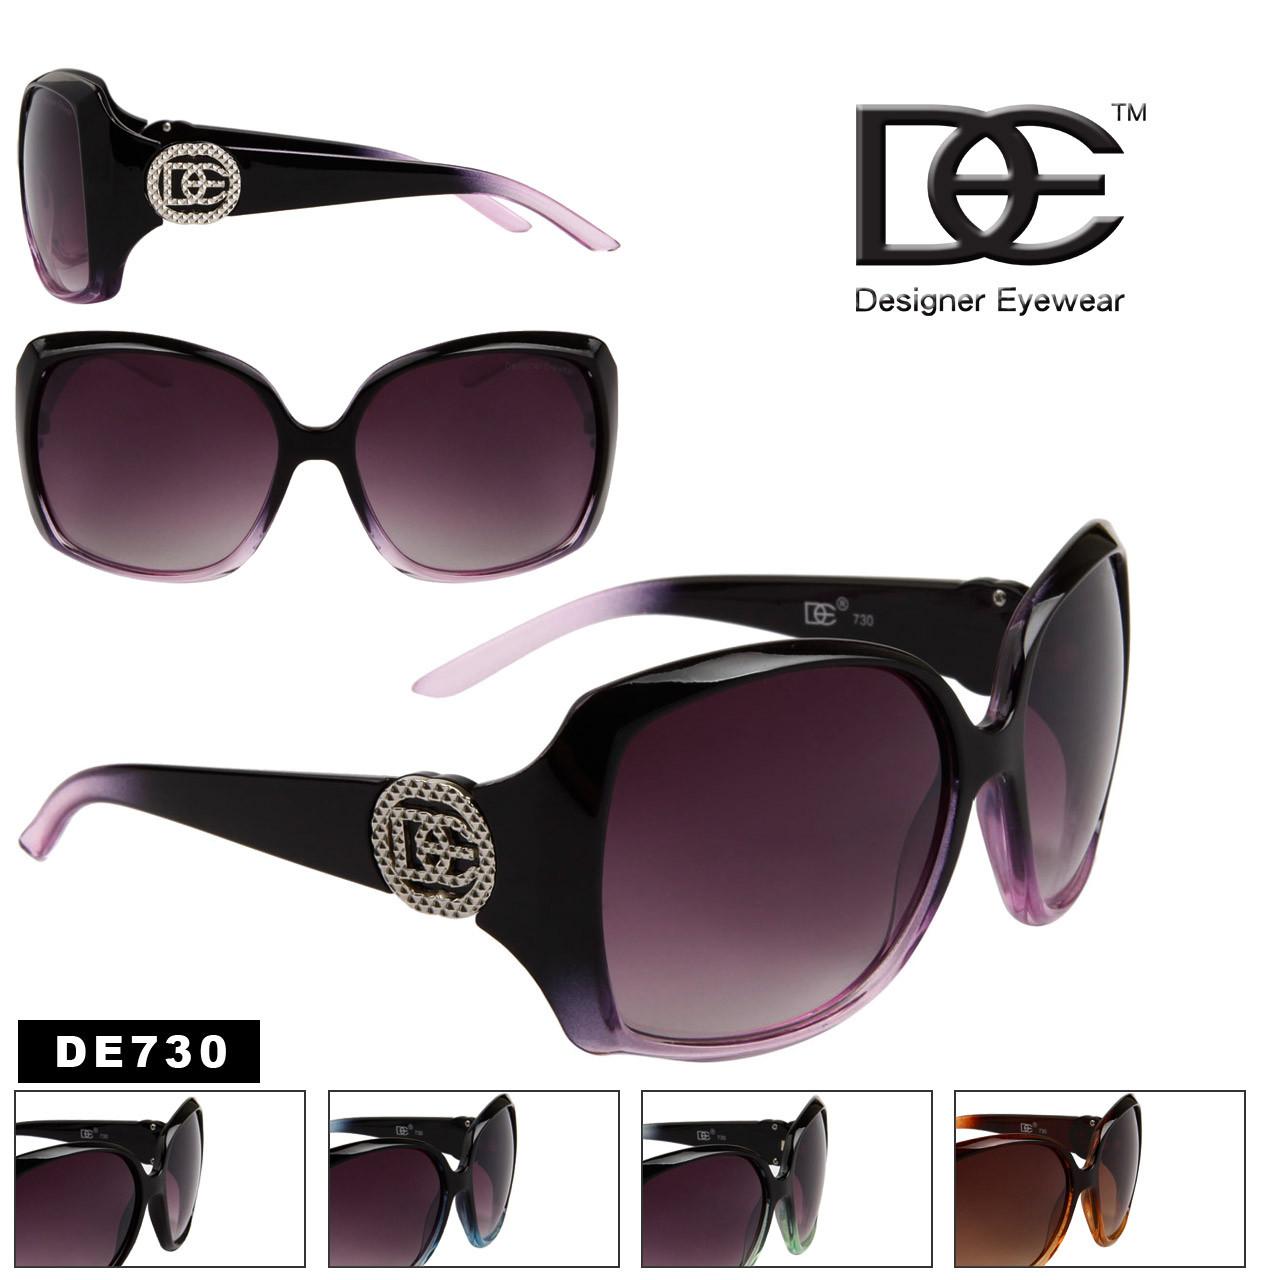 43d0114e1 Wholesale Designer Eyewear Sunglasses - Style # DE730 (12 pcs.)